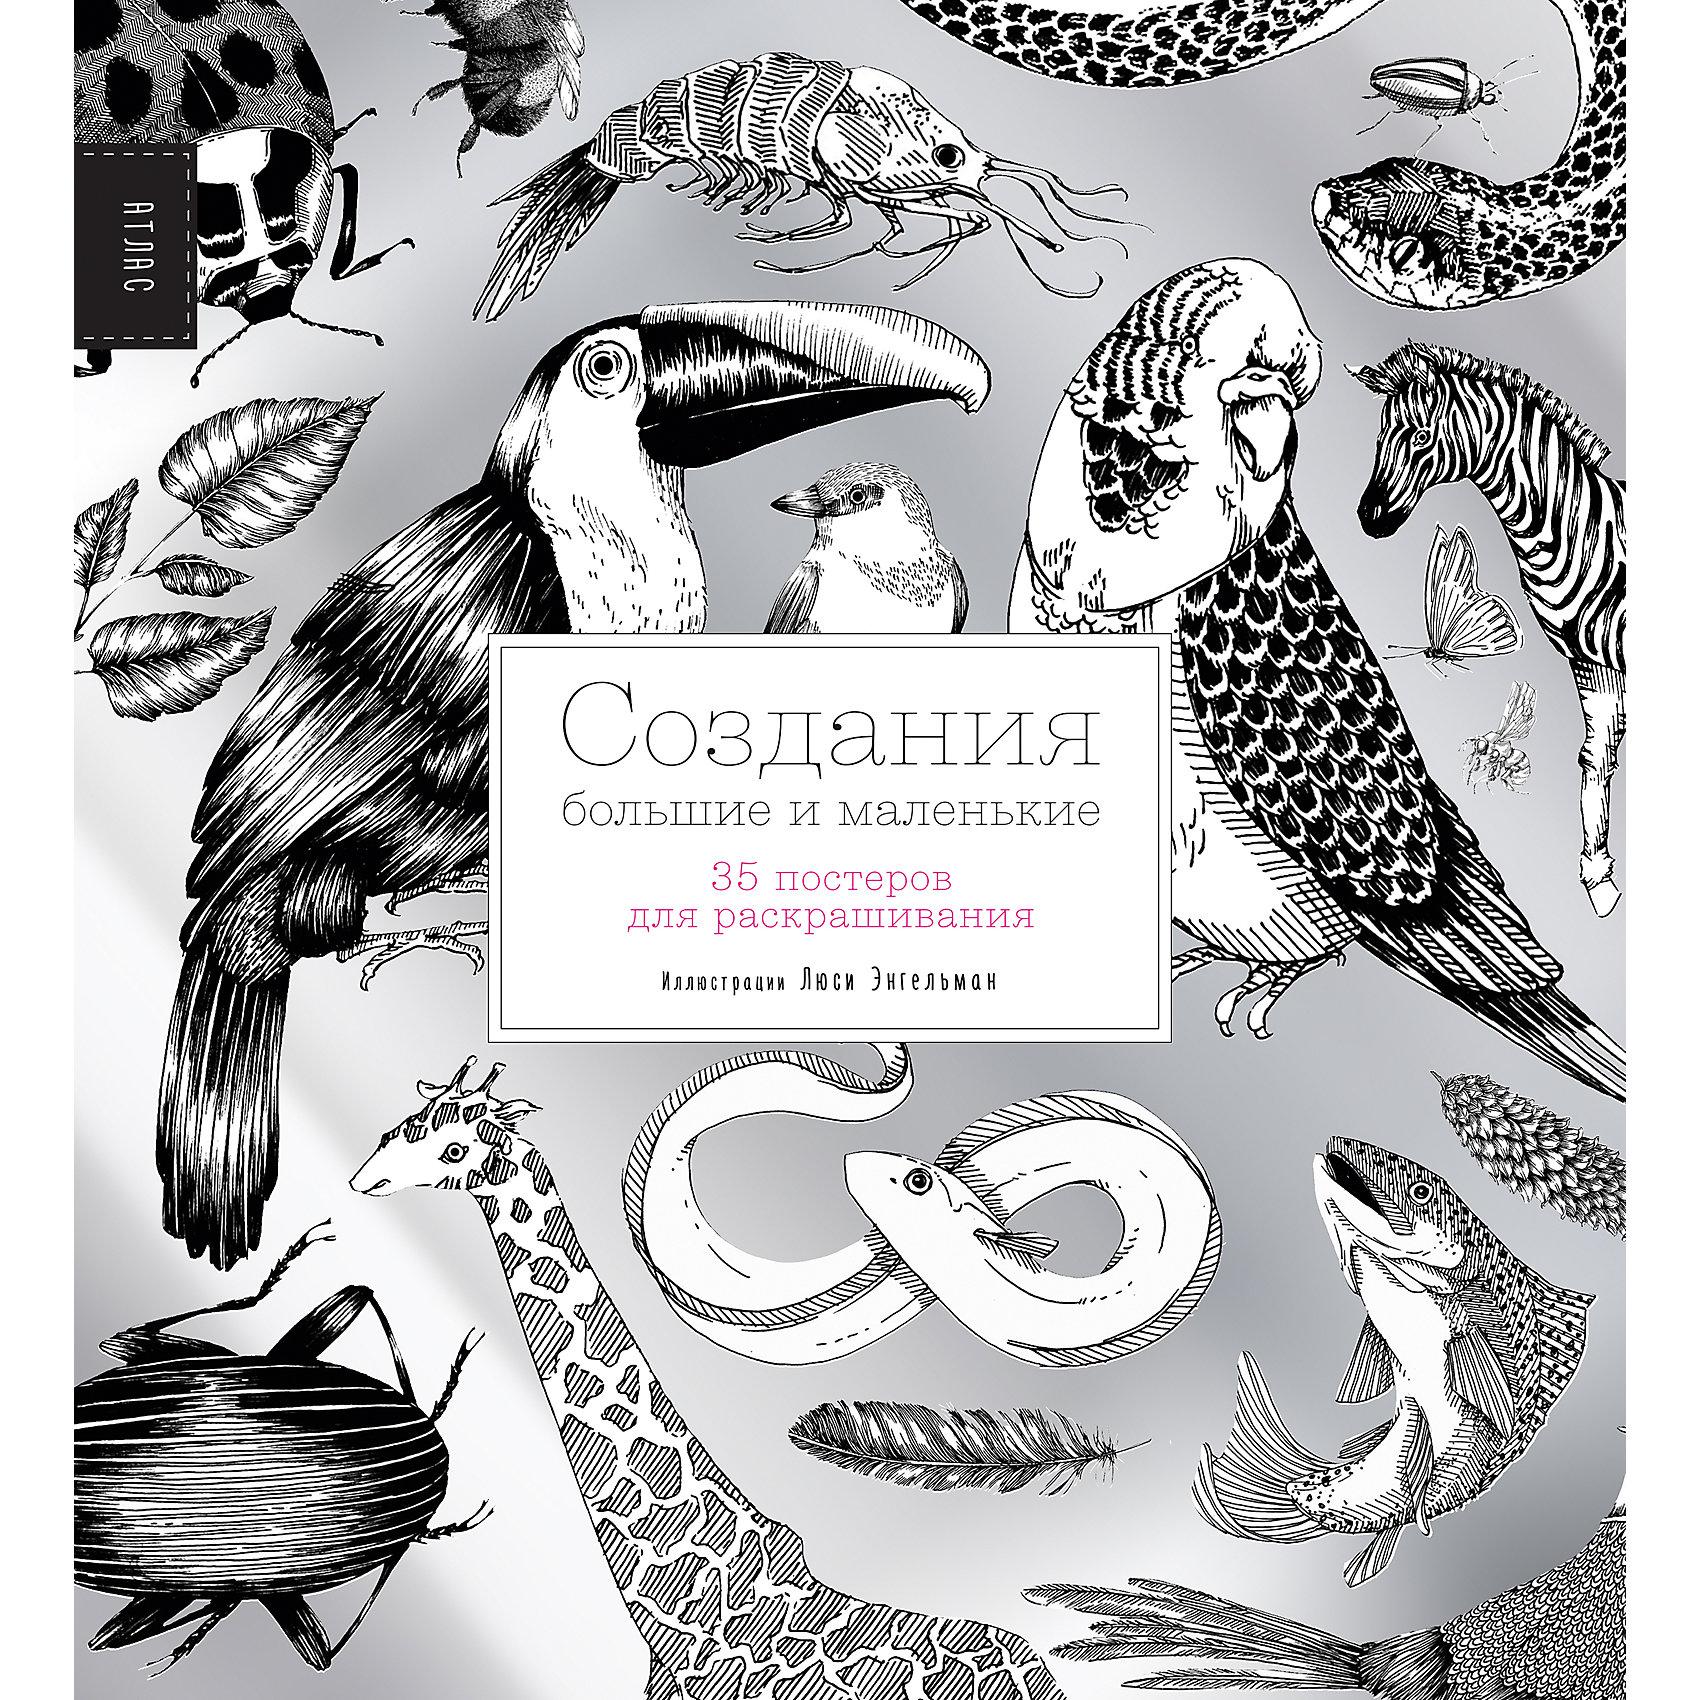 35 постеров для раскрашивания Создания большие и маленькиеВ раскраске 35 постеров, на каждом из которых представлены животные, объединённые по определённому принципу: летающие насекомые, обитатели коралловых рифов, кошки и т.п. Каждое животное подписано. На обороте листа читатель найдёт интереснфые факты про этих животных и описание их окраса.<br><br>Ширина мм: 280<br>Глубина мм: 260<br>Высота мм: 80<br>Вес г: 664<br>Возраст от месяцев: 144<br>Возраст до месяцев: 2147483647<br>Пол: Унисекс<br>Возраст: Детский<br>SKU: 5535275